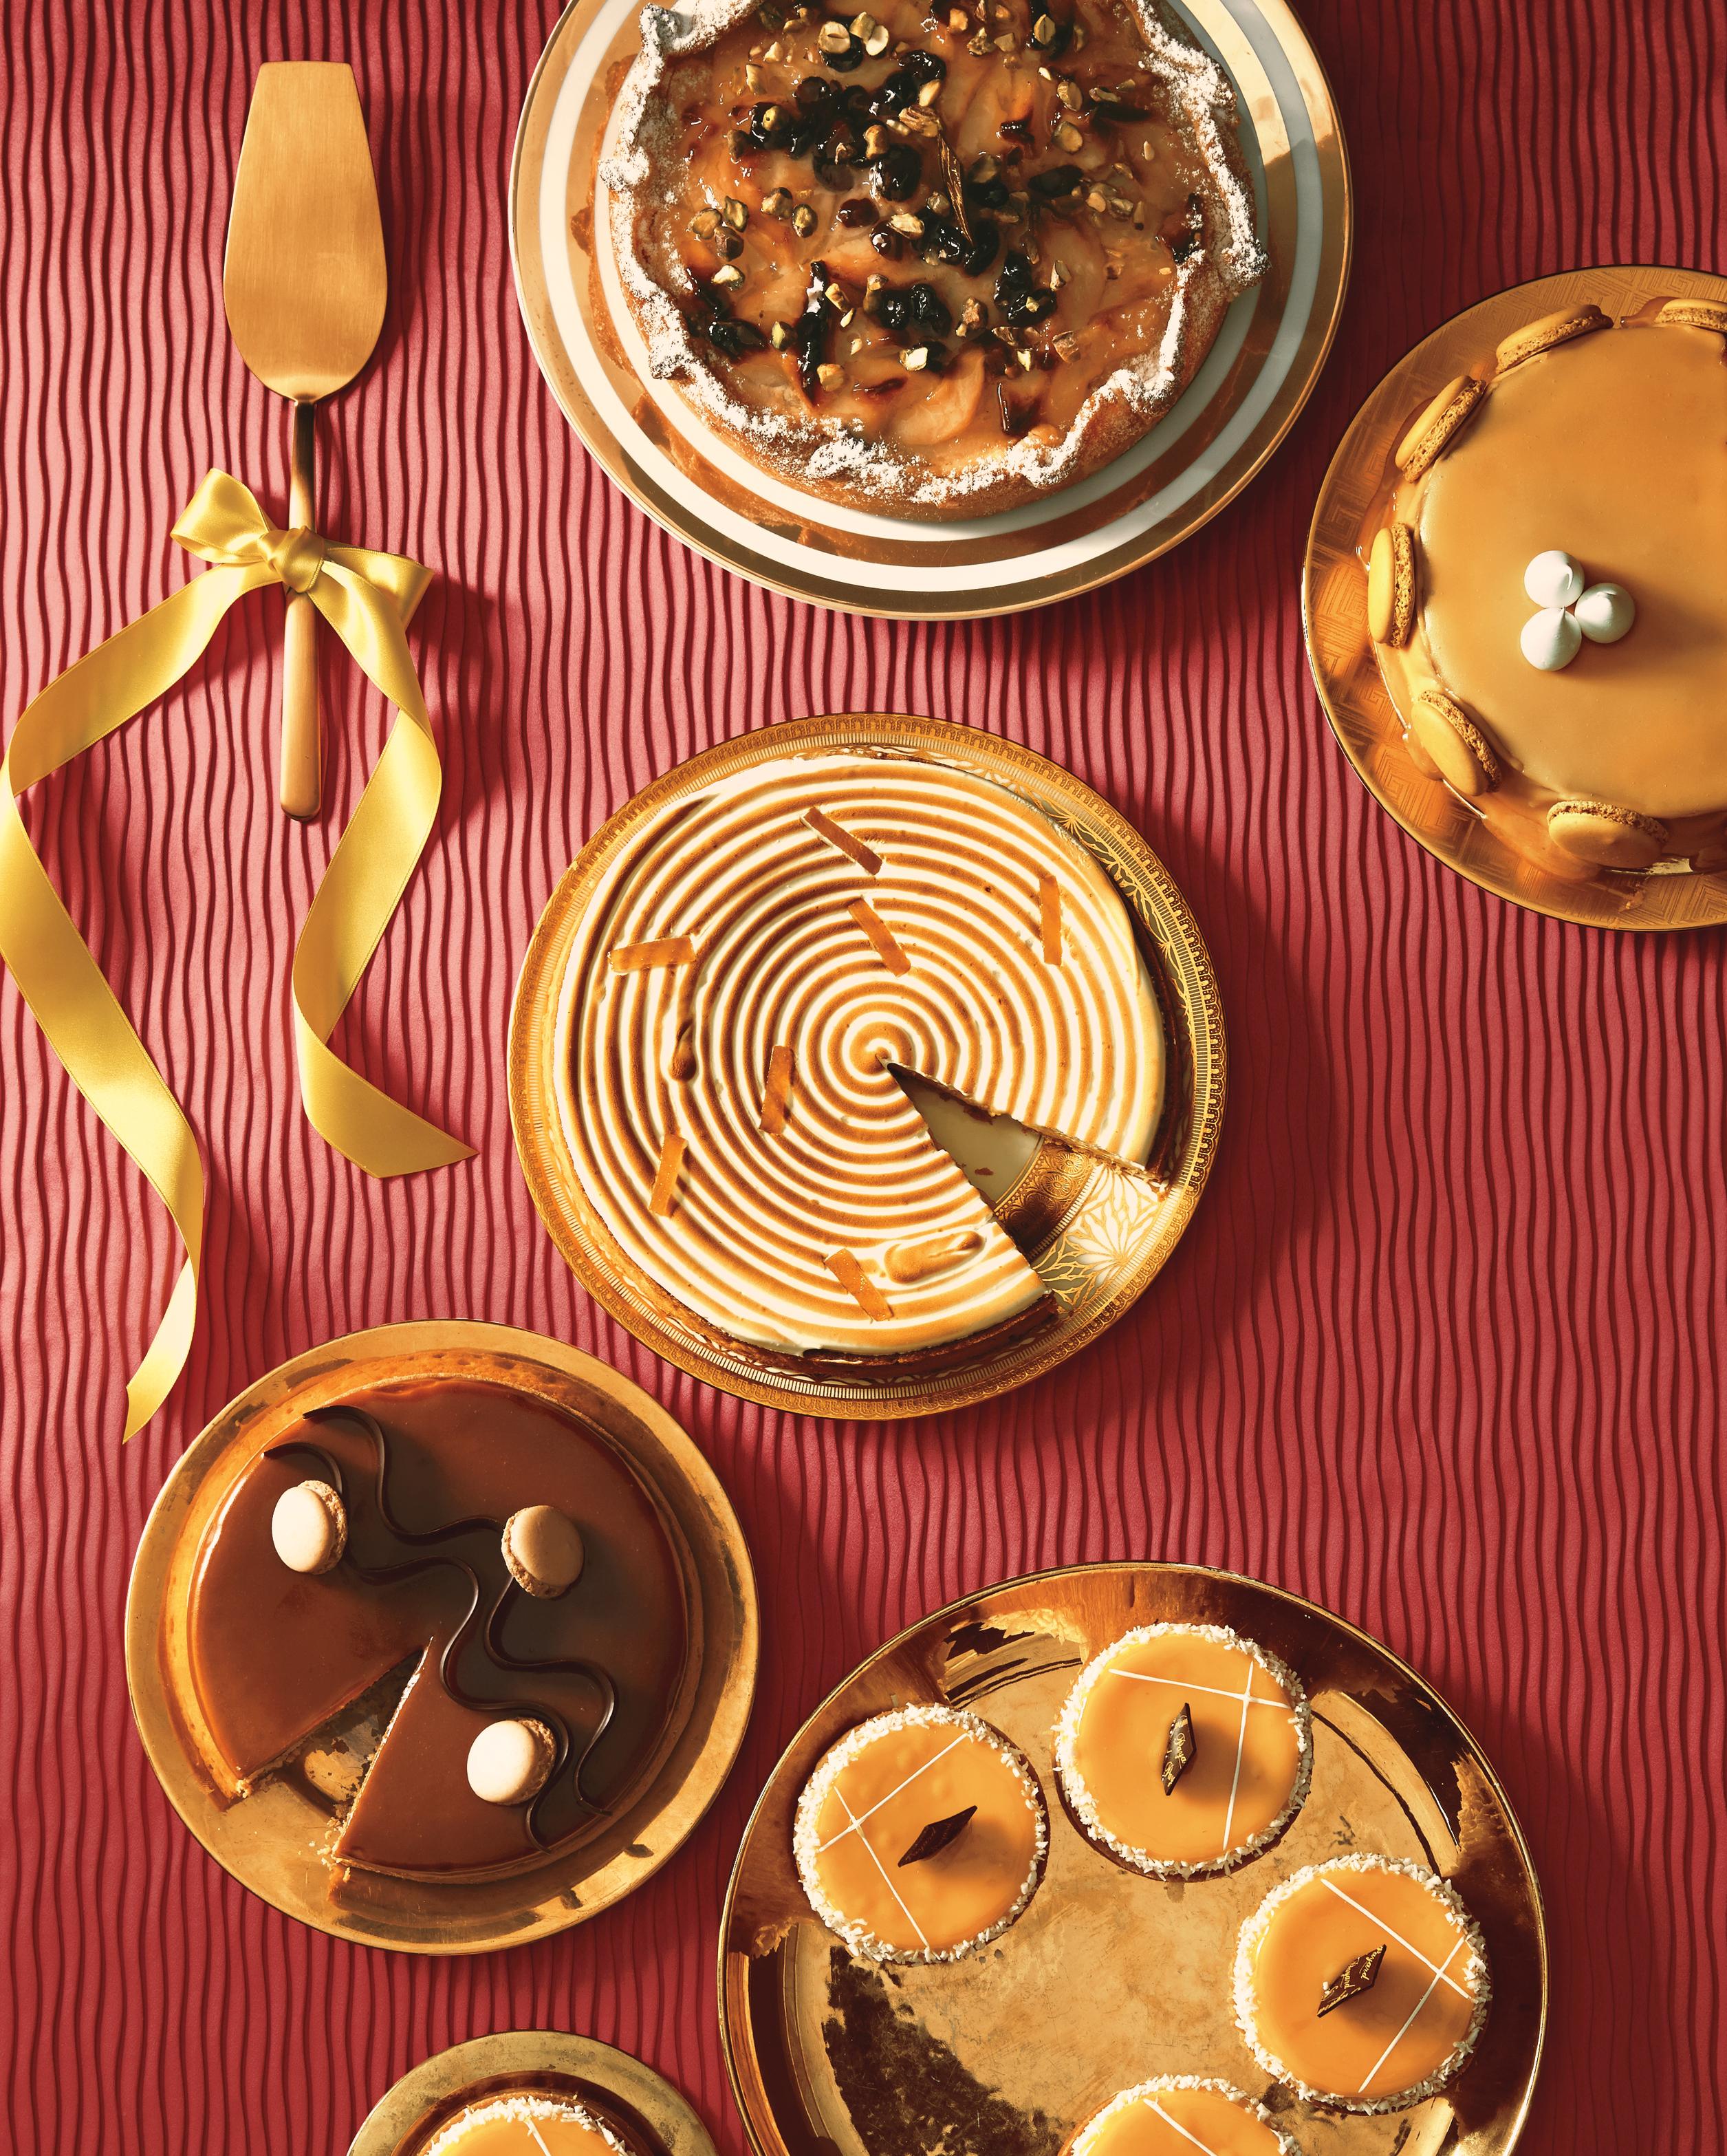 desserts-exp-for-bkgrnd-030-d112093-comp.jpg